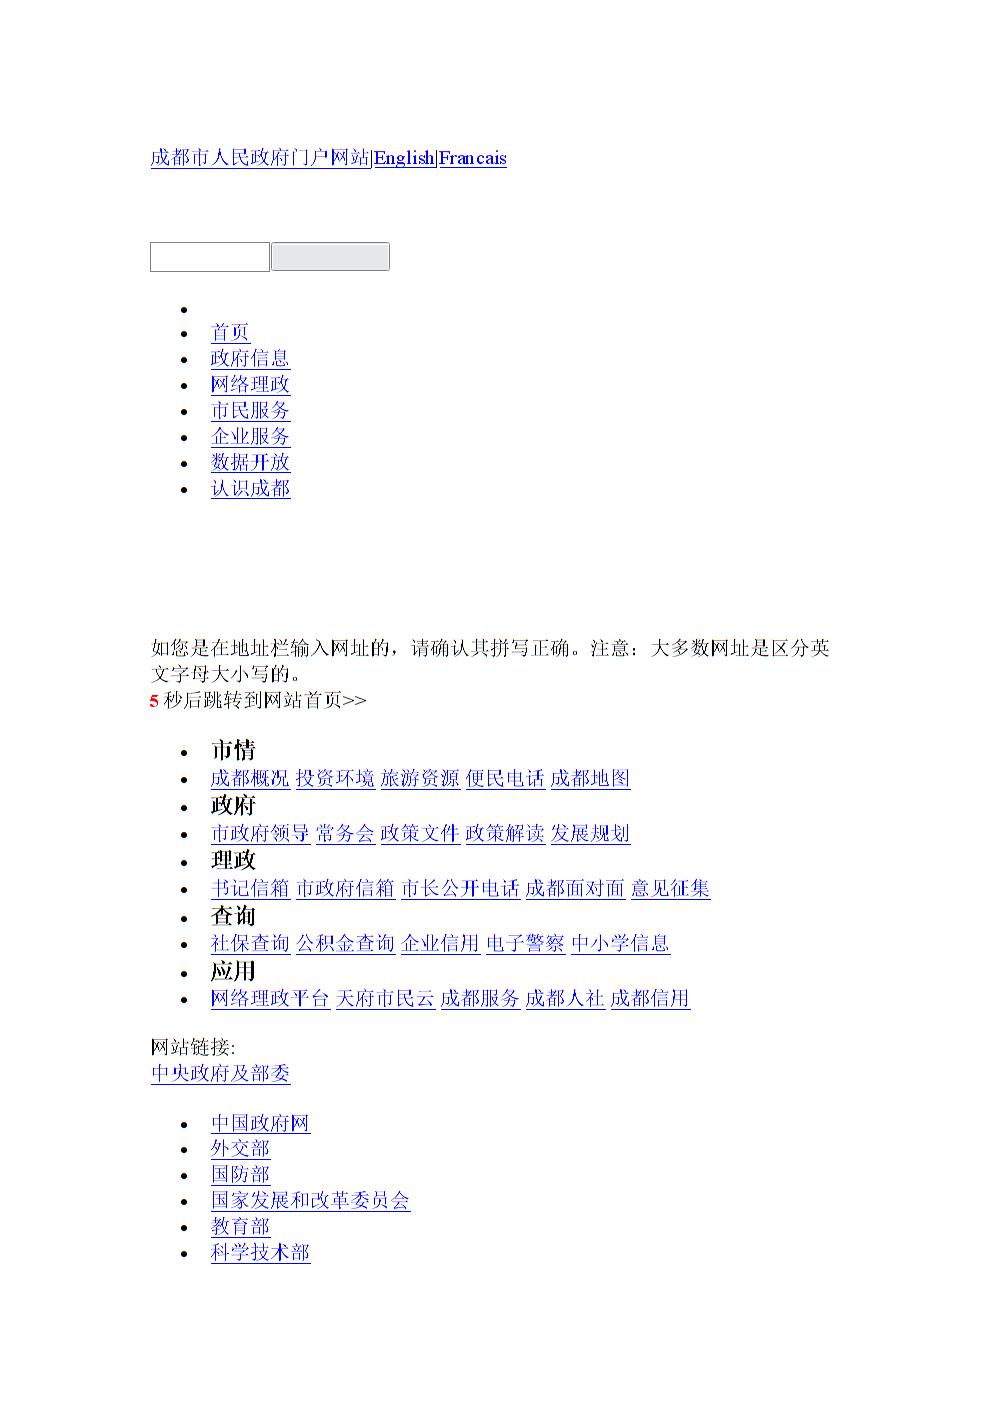 成都地名普查工作先进事迹材料.doc图片